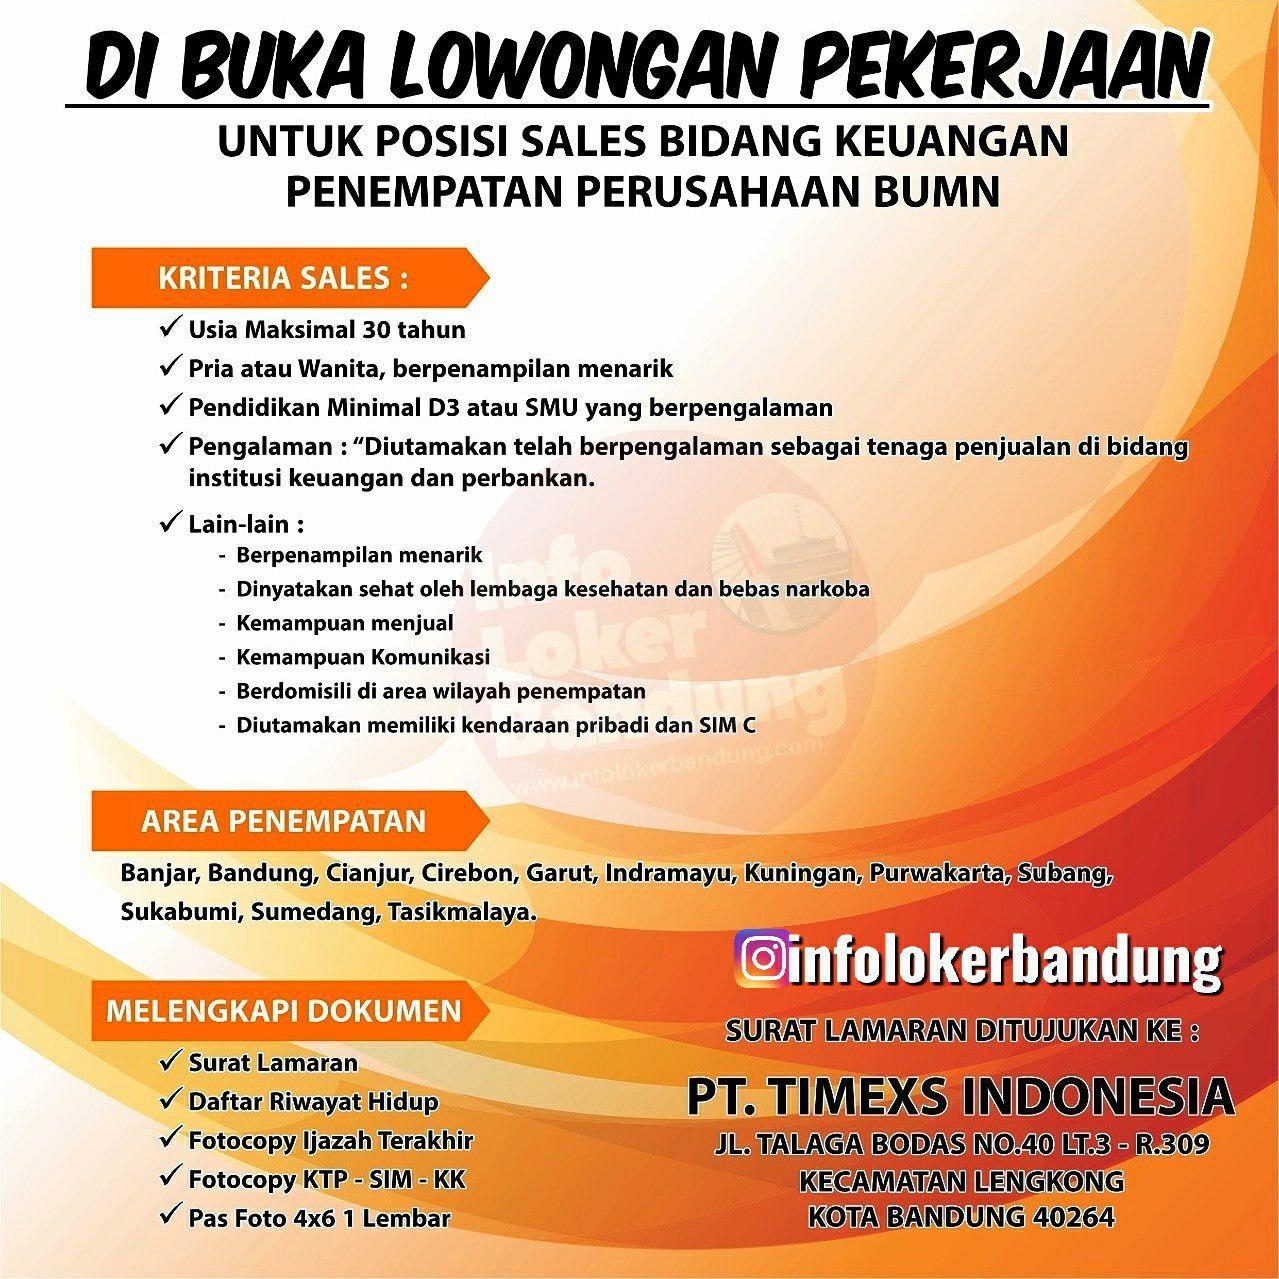 Lowongan Kerja Pt Timexs Indonesia Bandung Oktober 2019 Info